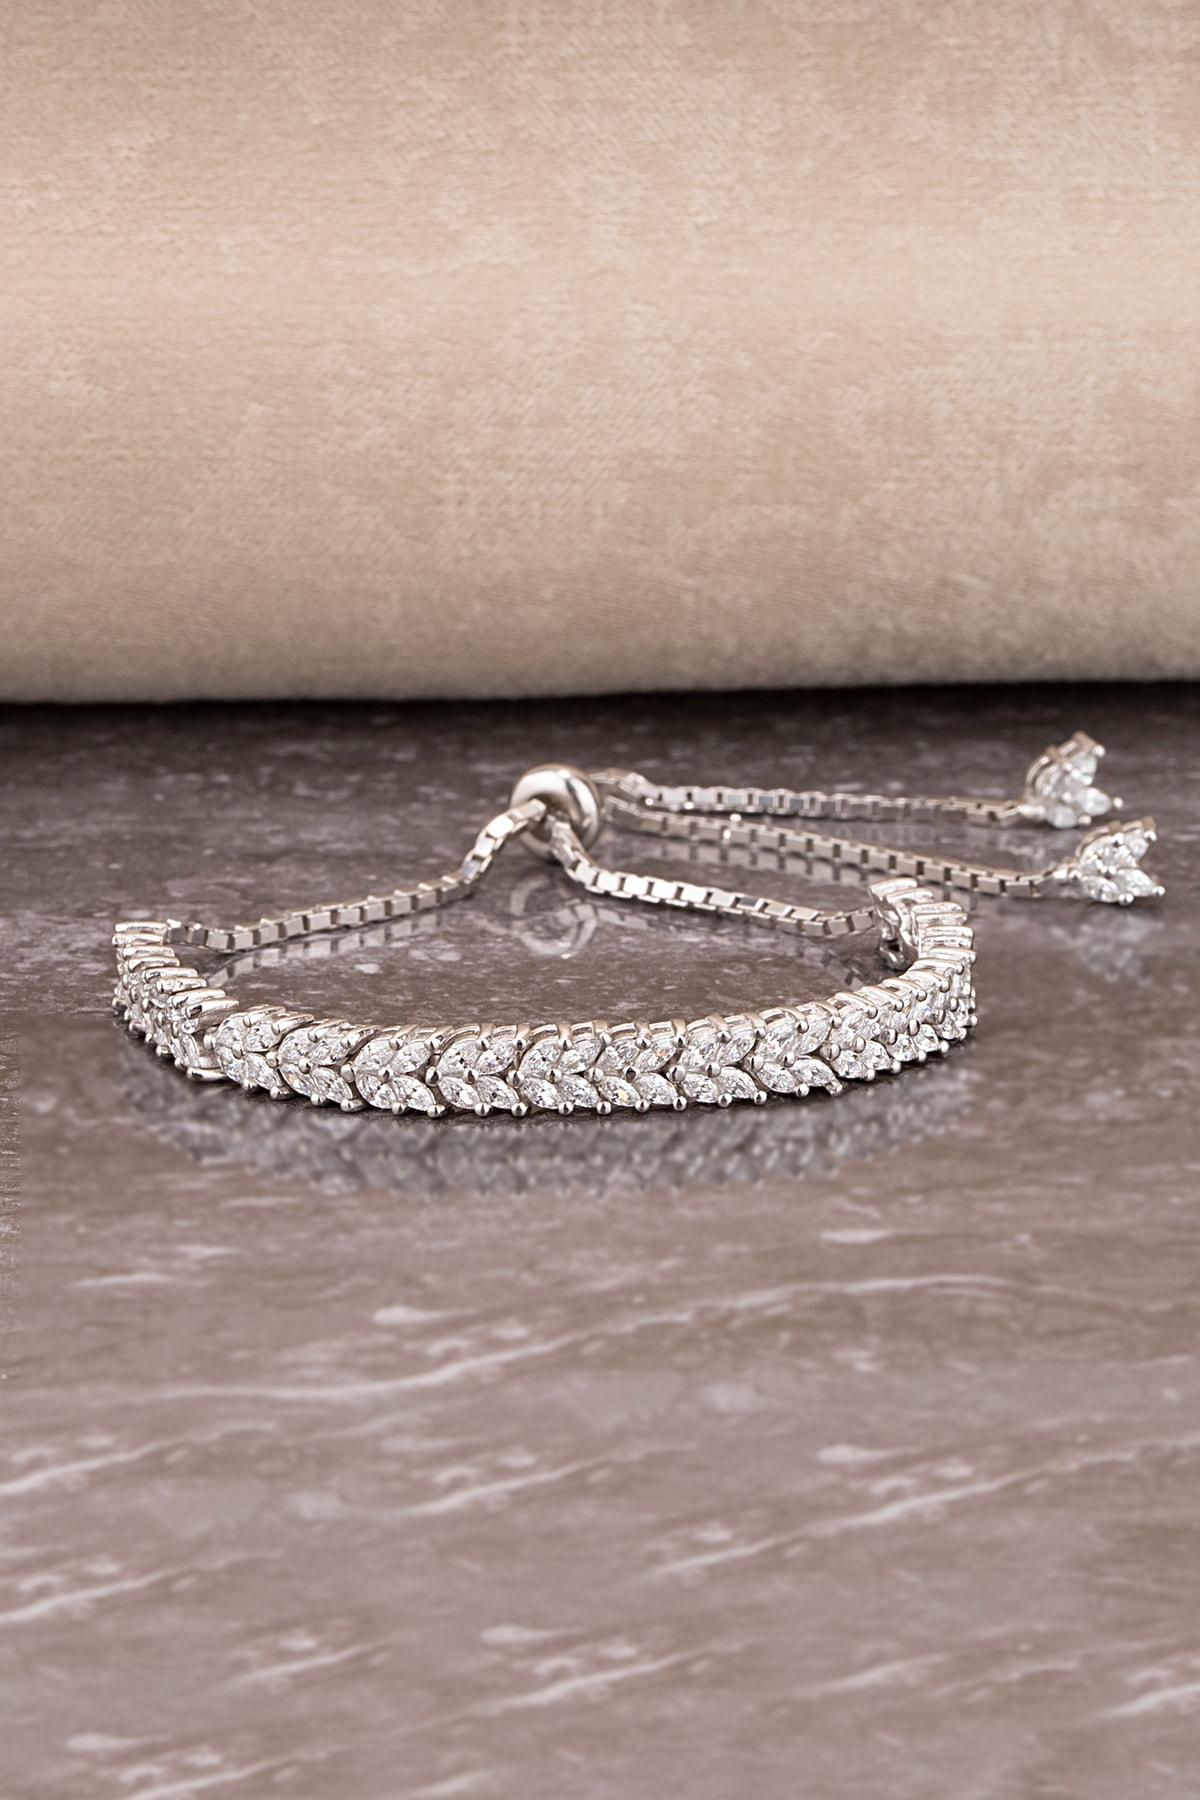 Else Silver Kadın Gümüş Mekik Taşlı Asansörlü Başak Bileklik 1